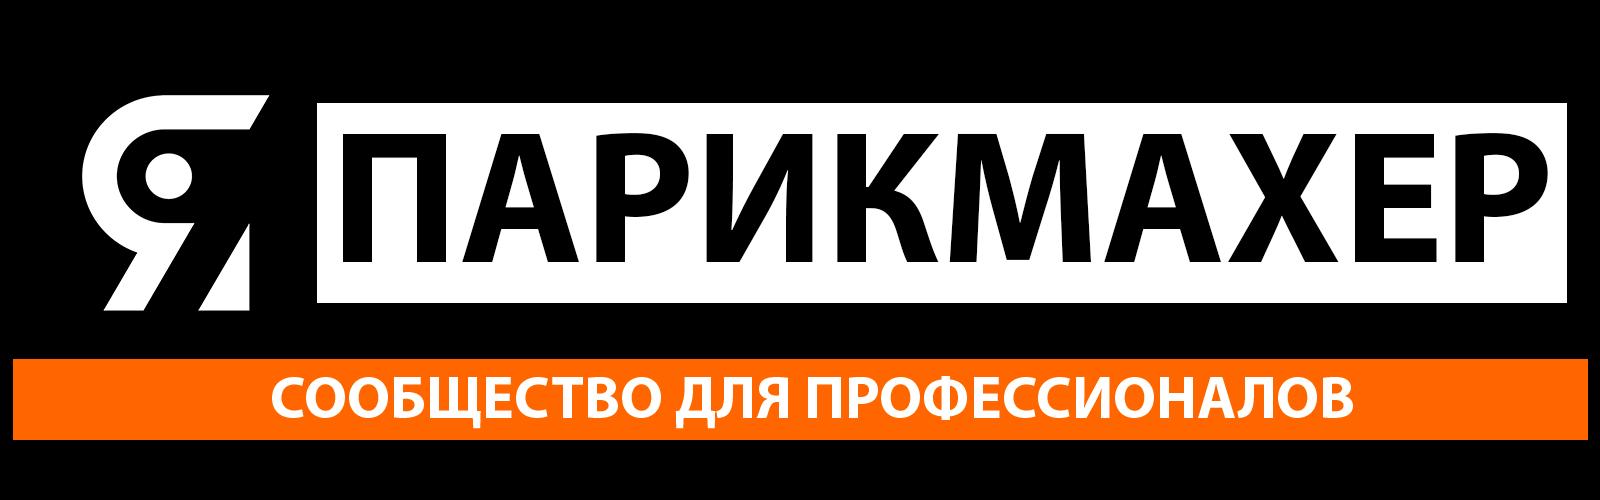 Я ПАРИКМАХЕР - форум парикмахеров отзывы